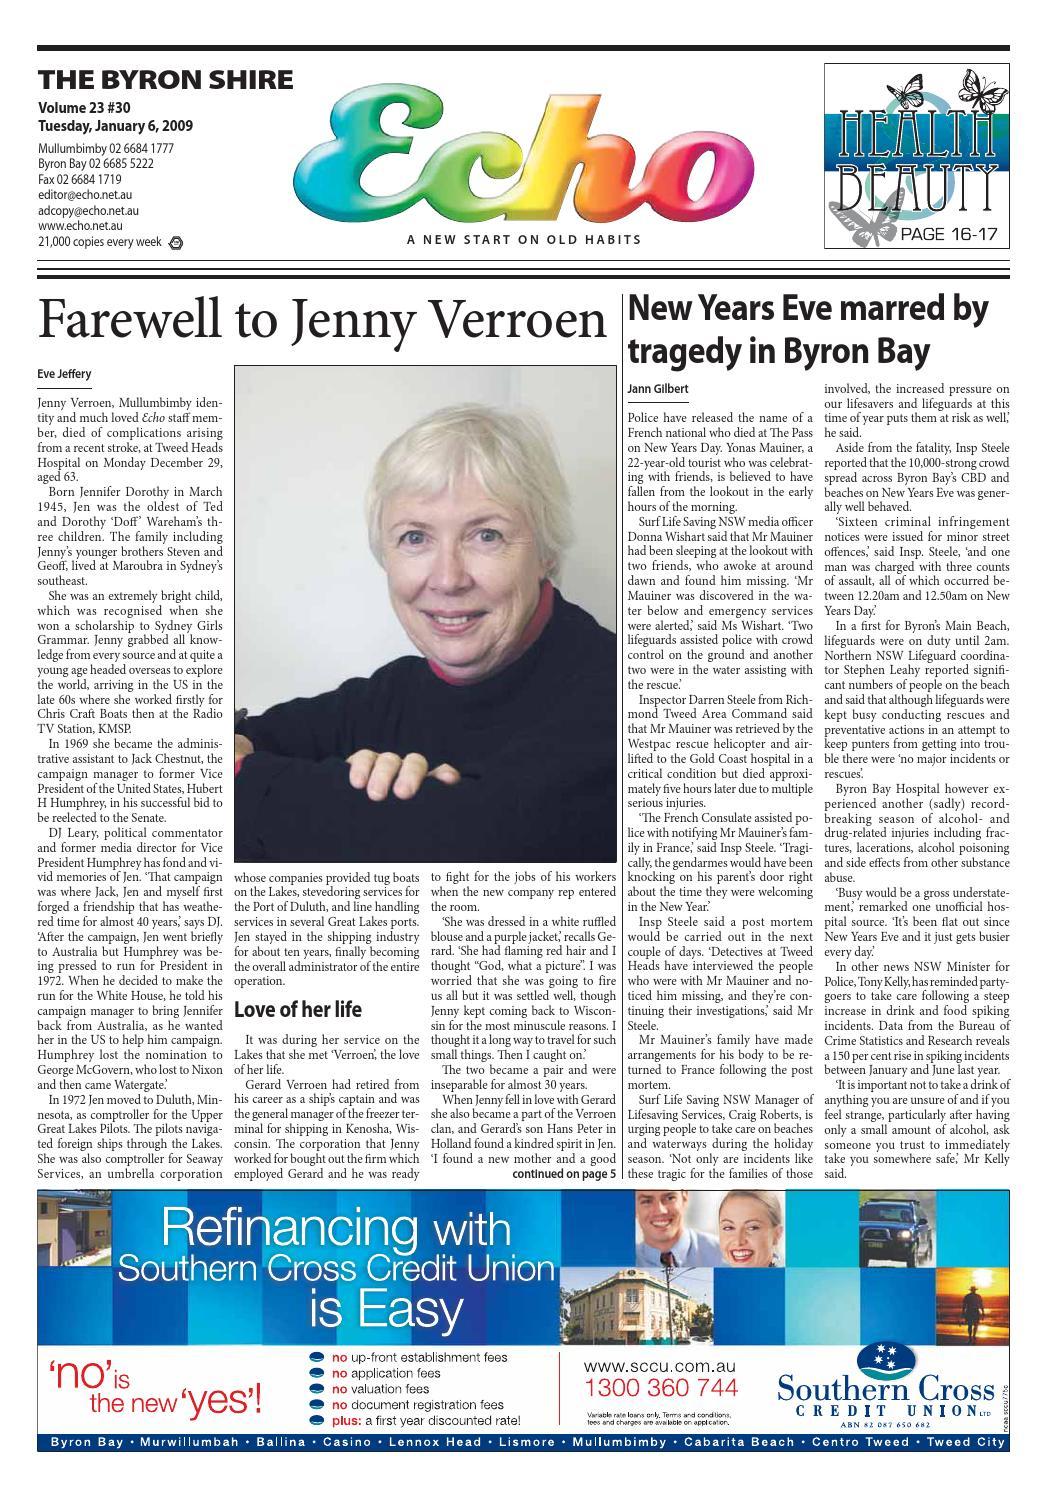 Byron Shire Echo – Issue 23.30 – 06 01 2009 by Echo Publications - issuu 98fec664be590